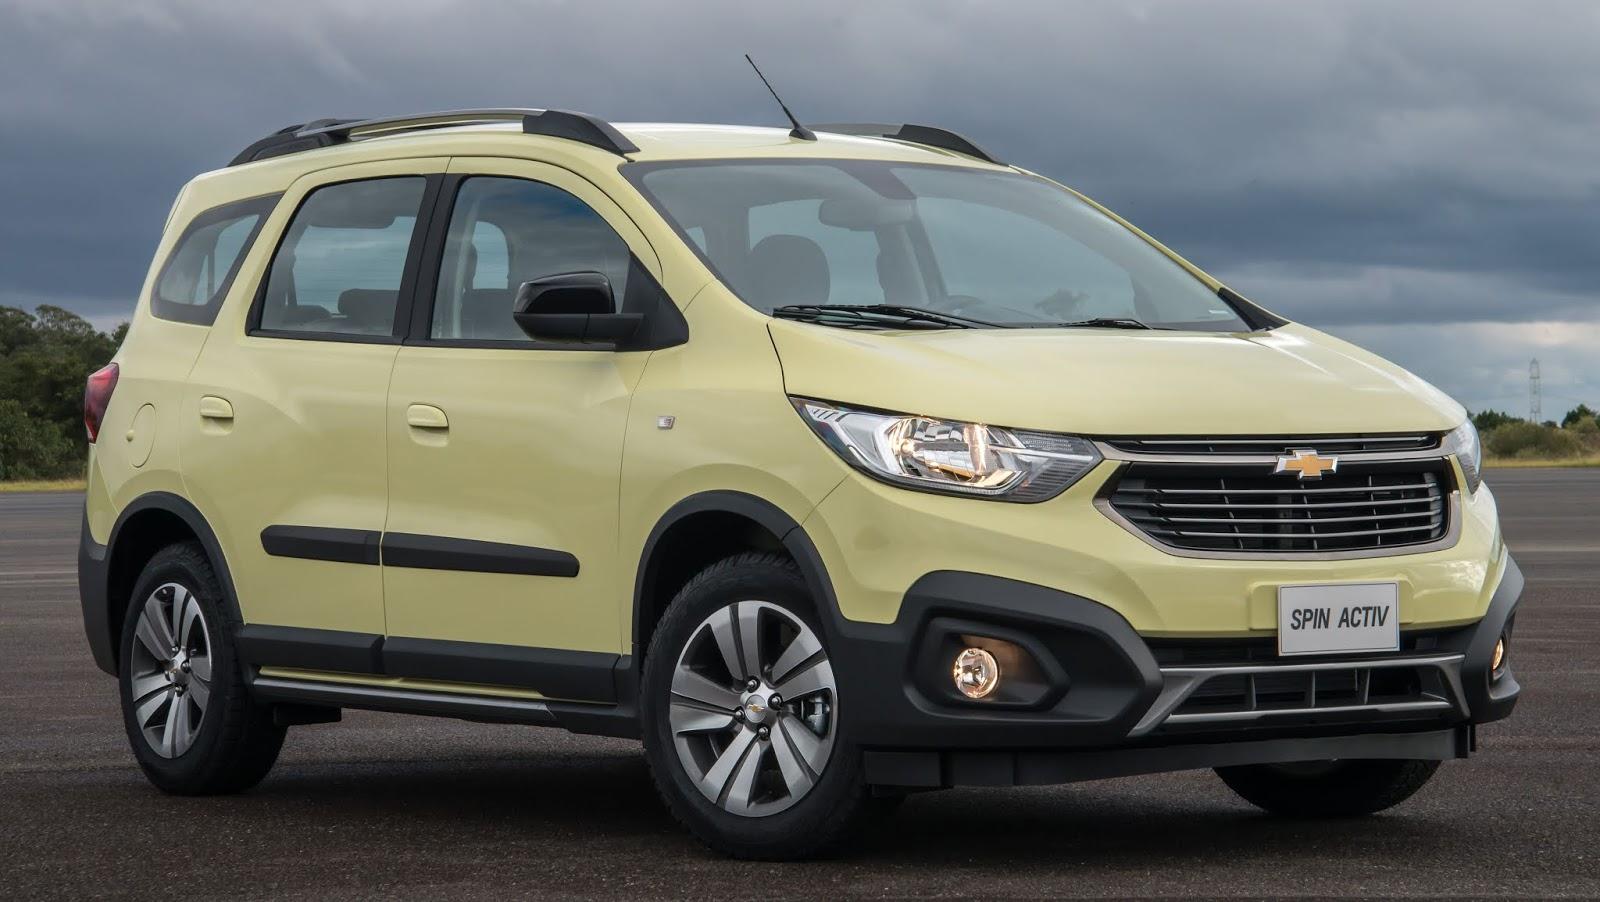 a258c6fad786a Chevrolet Spin Activ chega à linha 2019 reestilizada e com 7 lugares